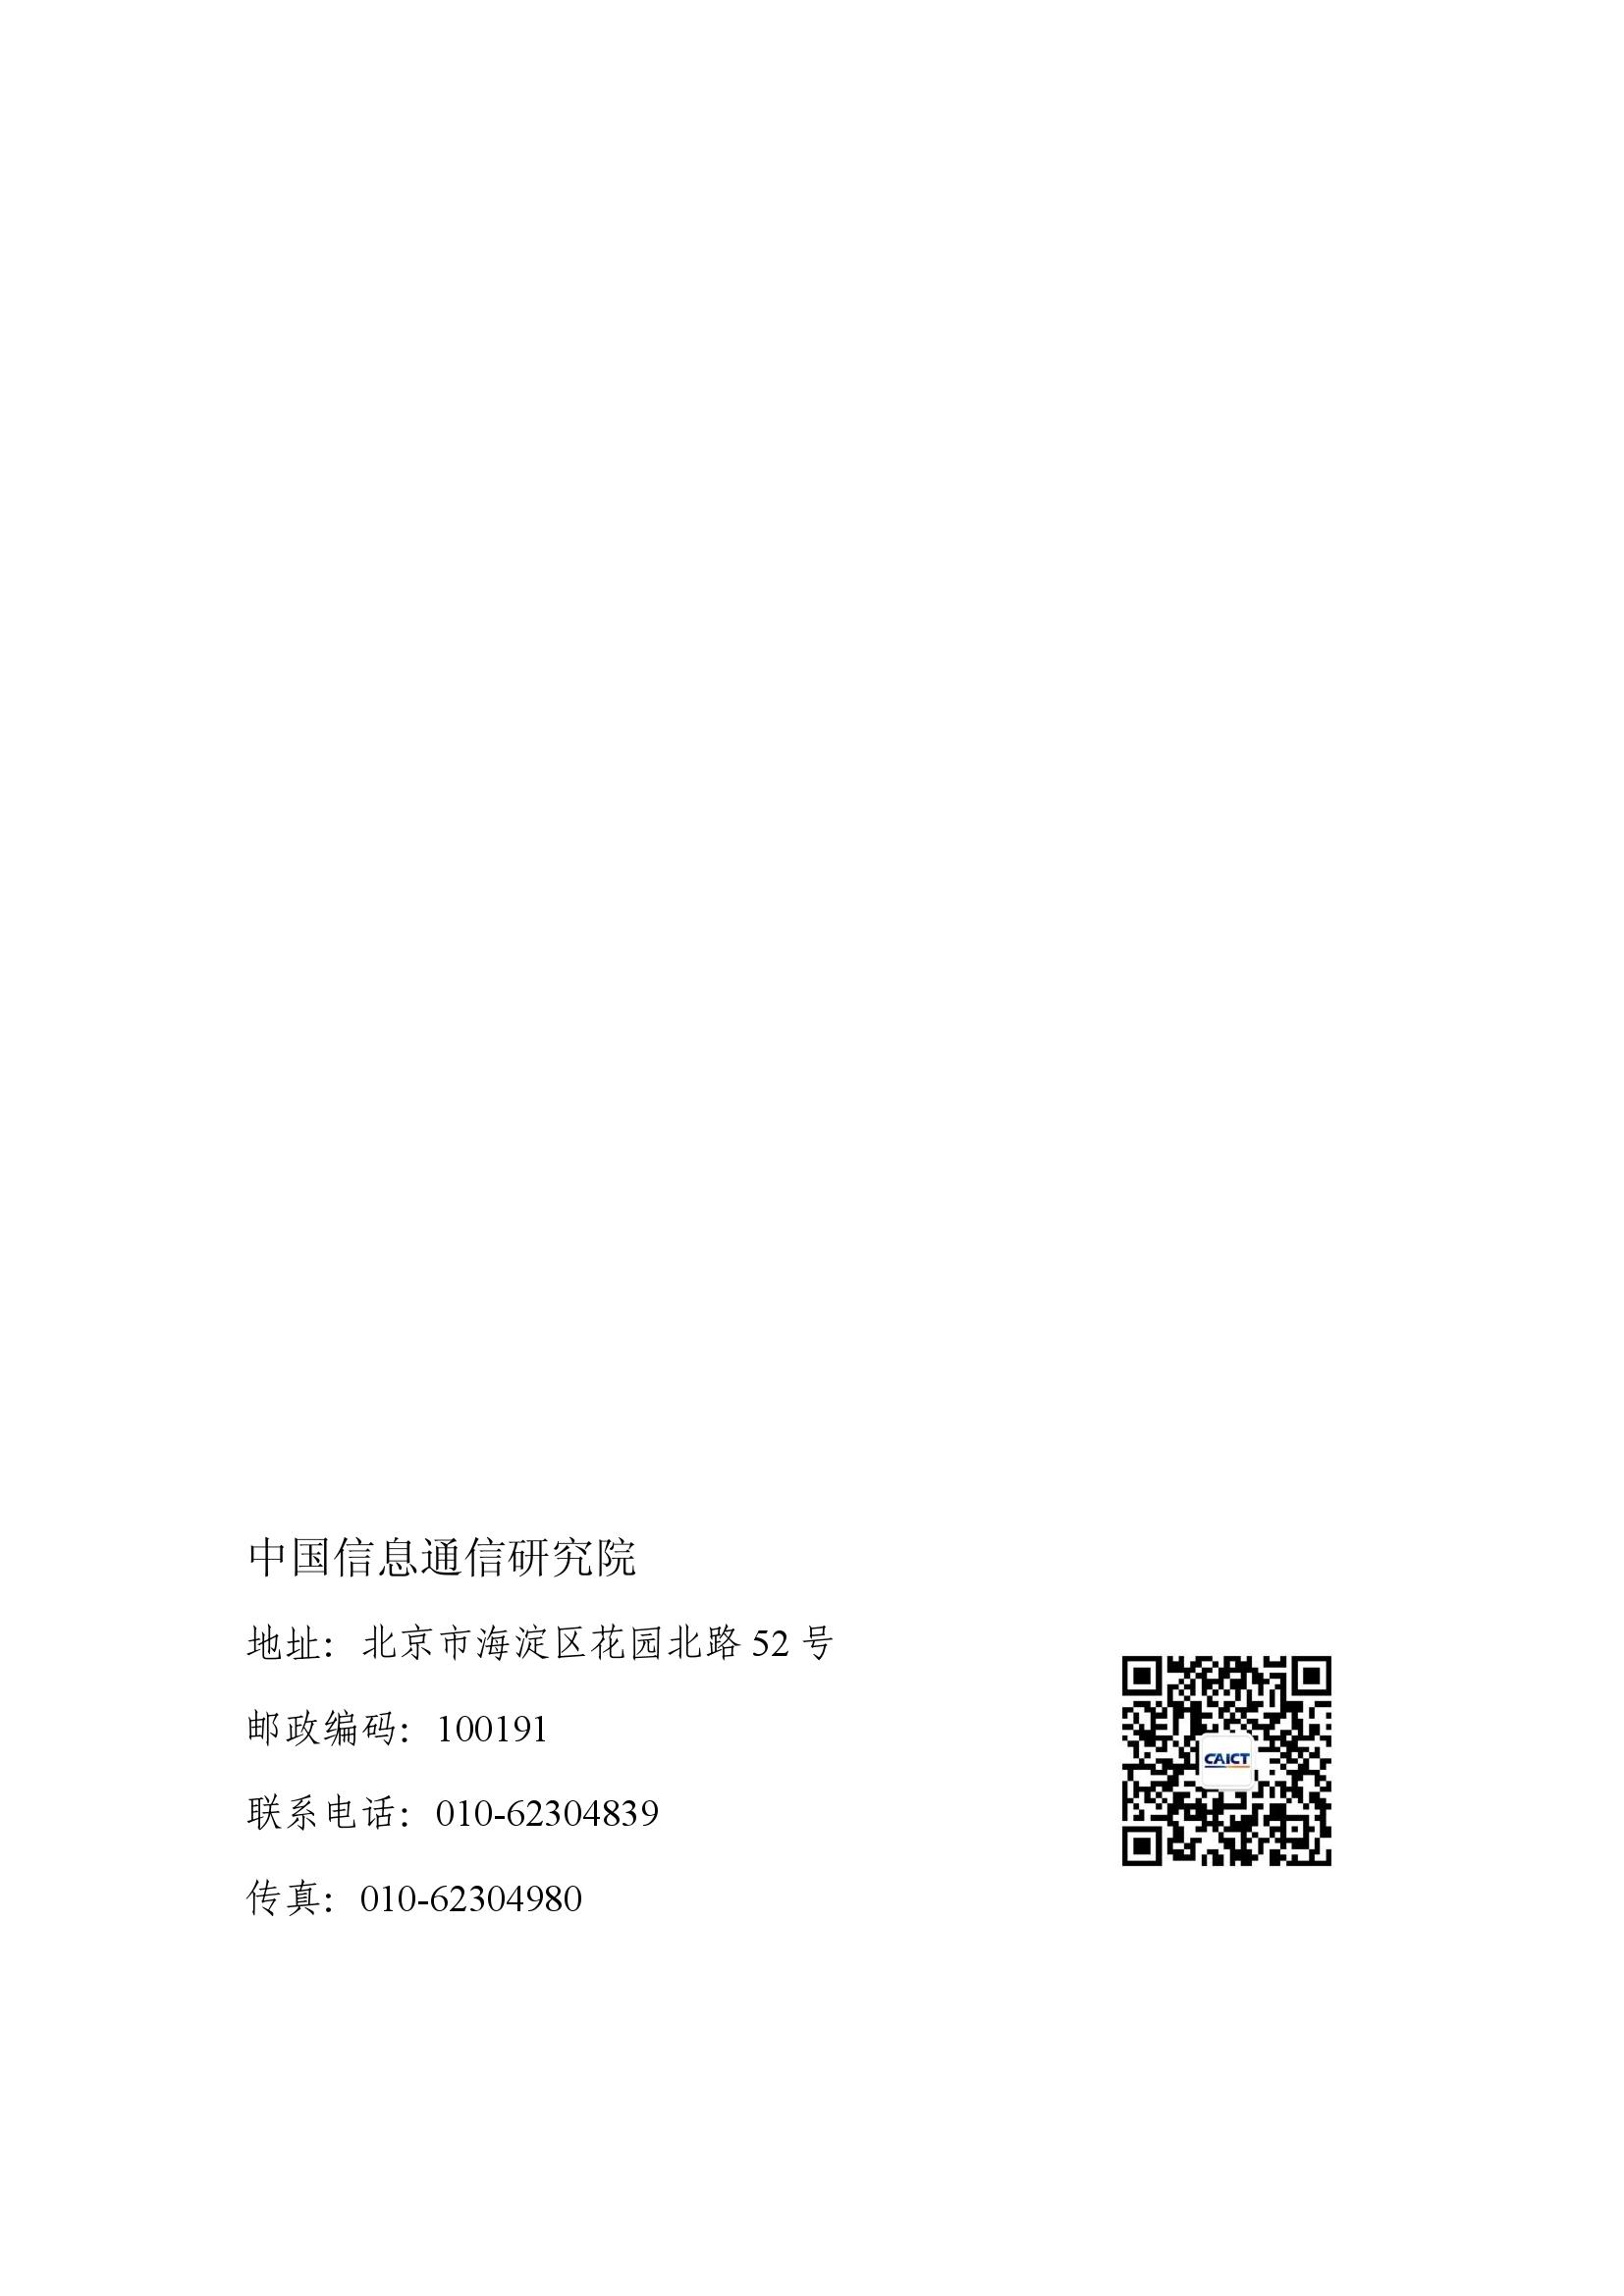 2016年中国互联网行业发展态势暨景气指数报告_000047